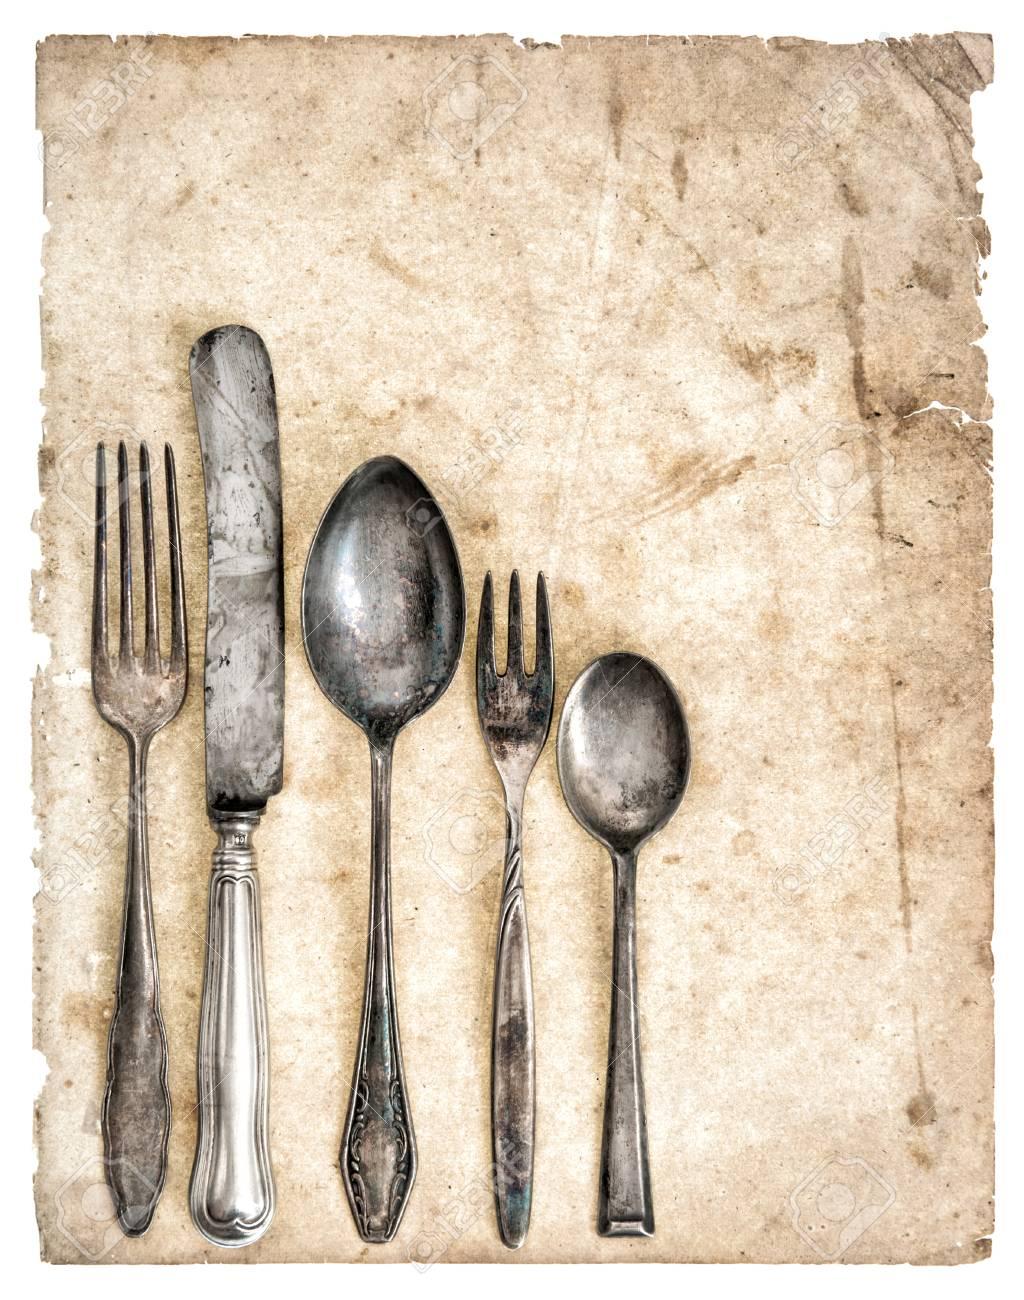 Antikes Besteck Und Alte Kochbuchseite Retro Kuchengerate Messer